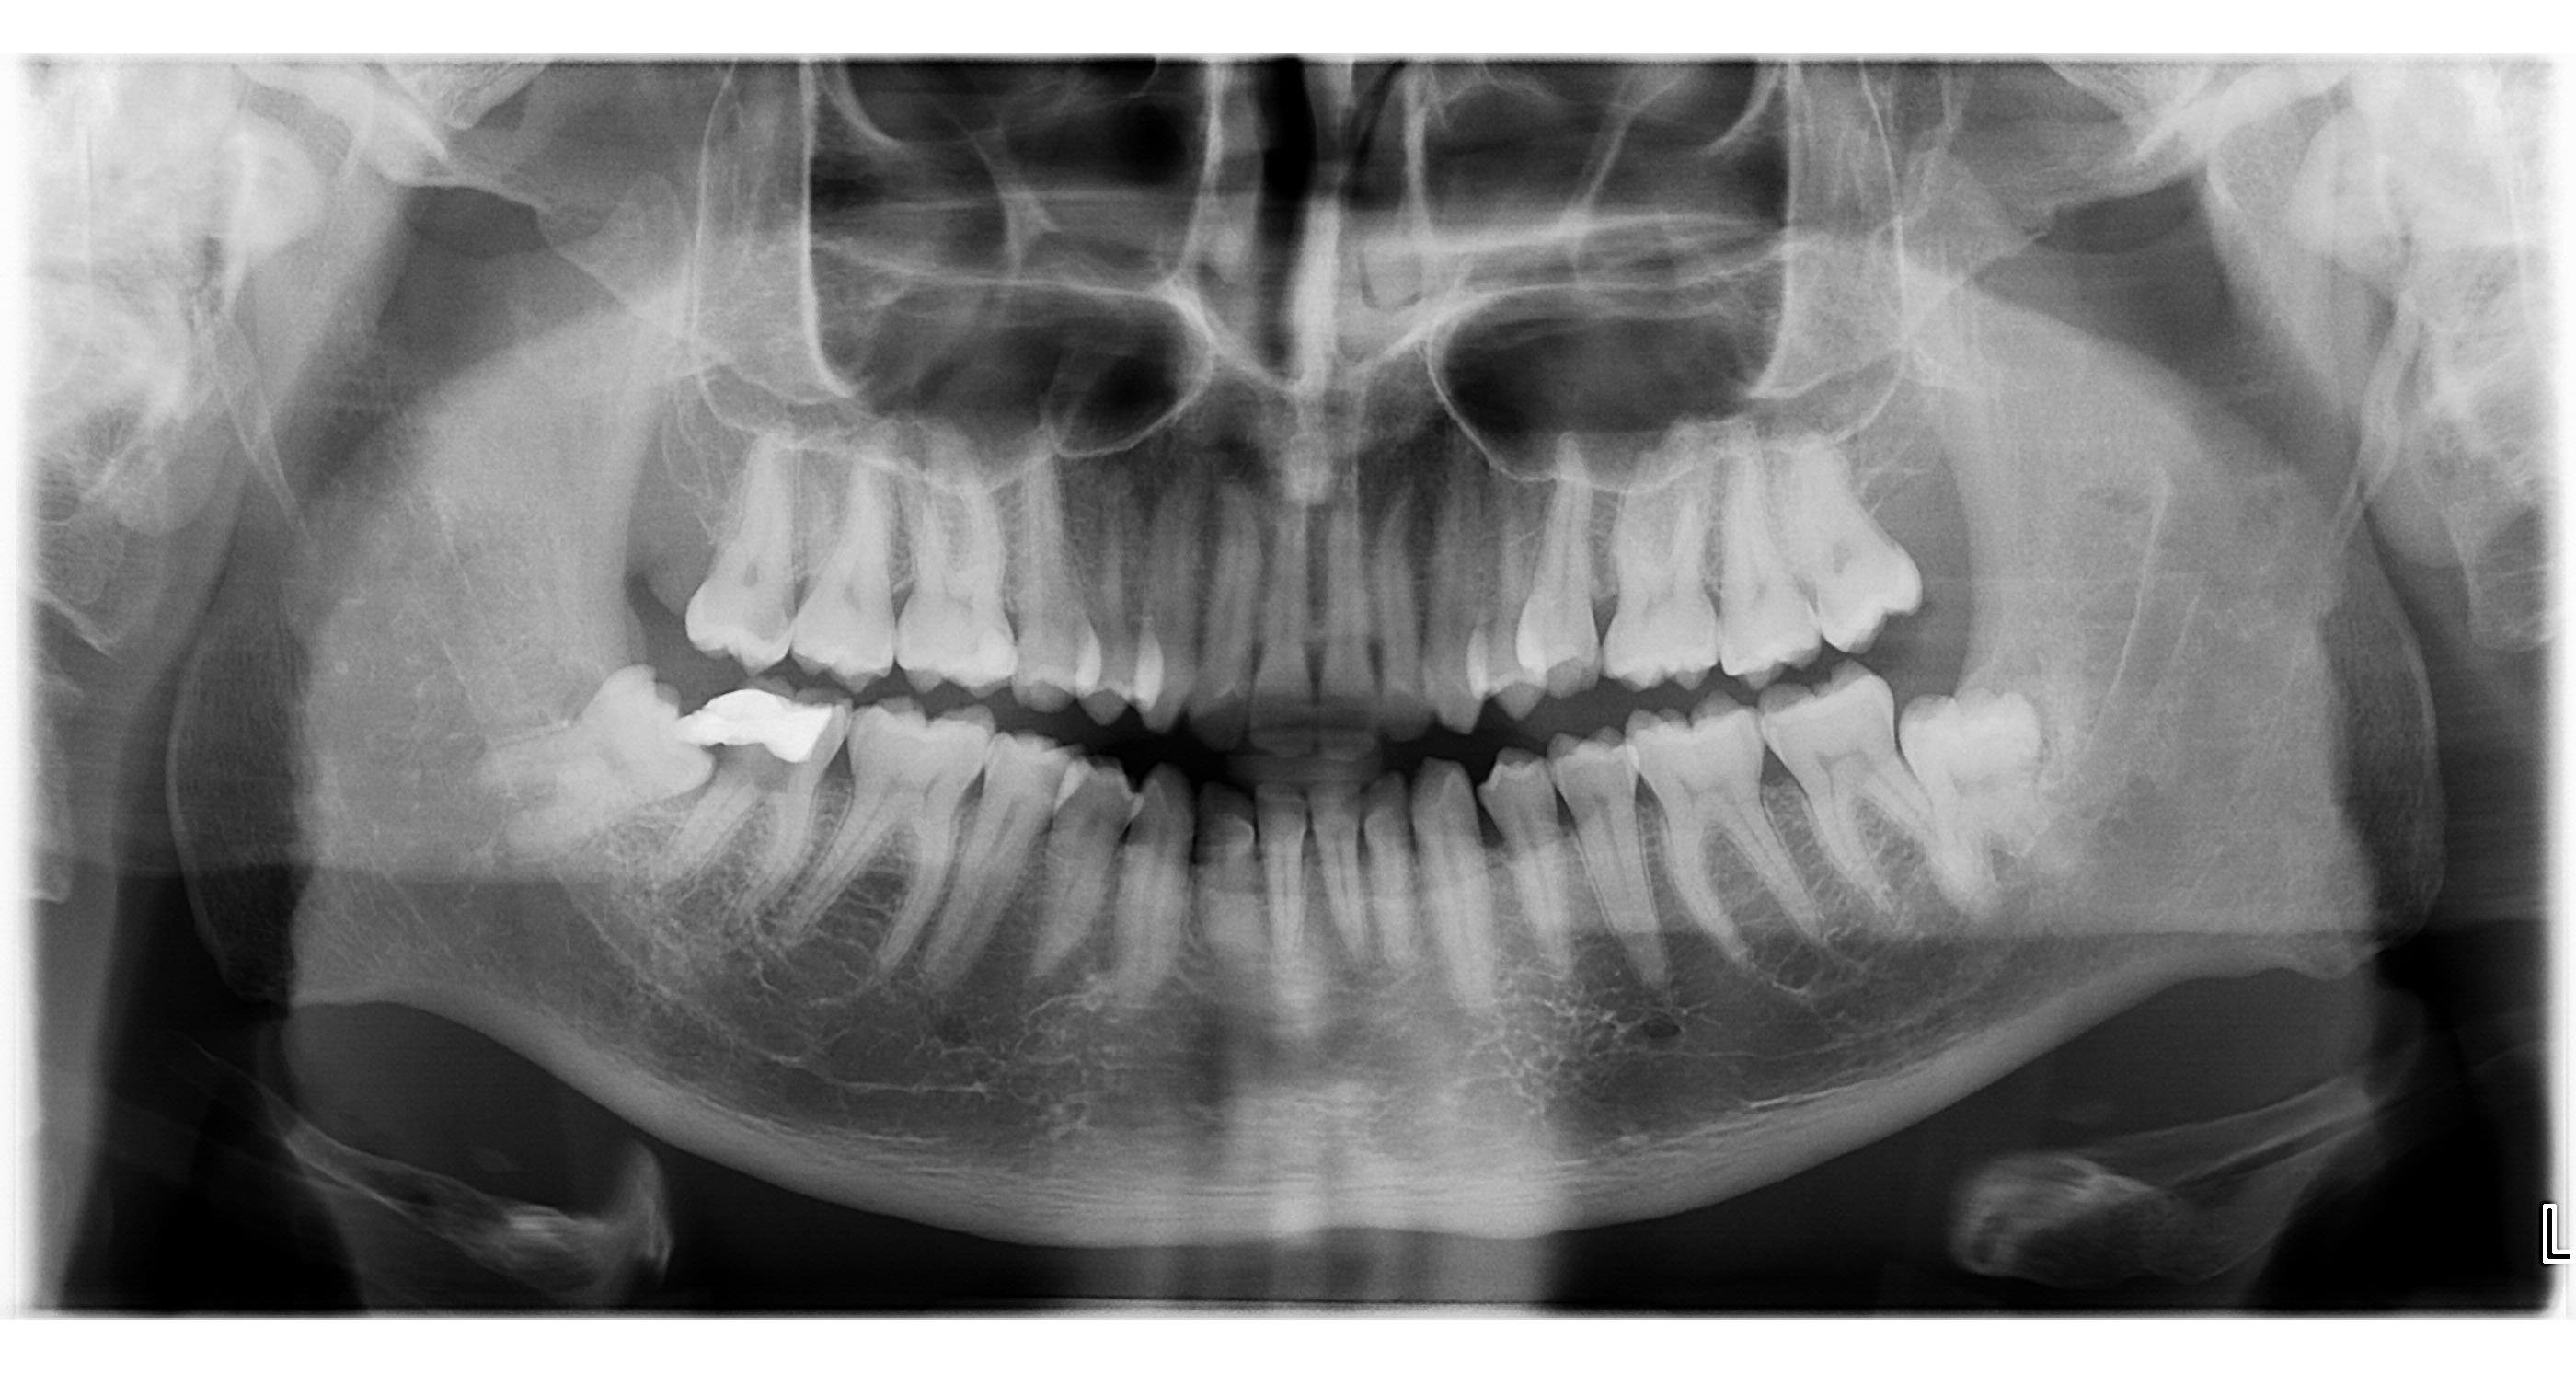 Devo estrarre anche l'altro dente?